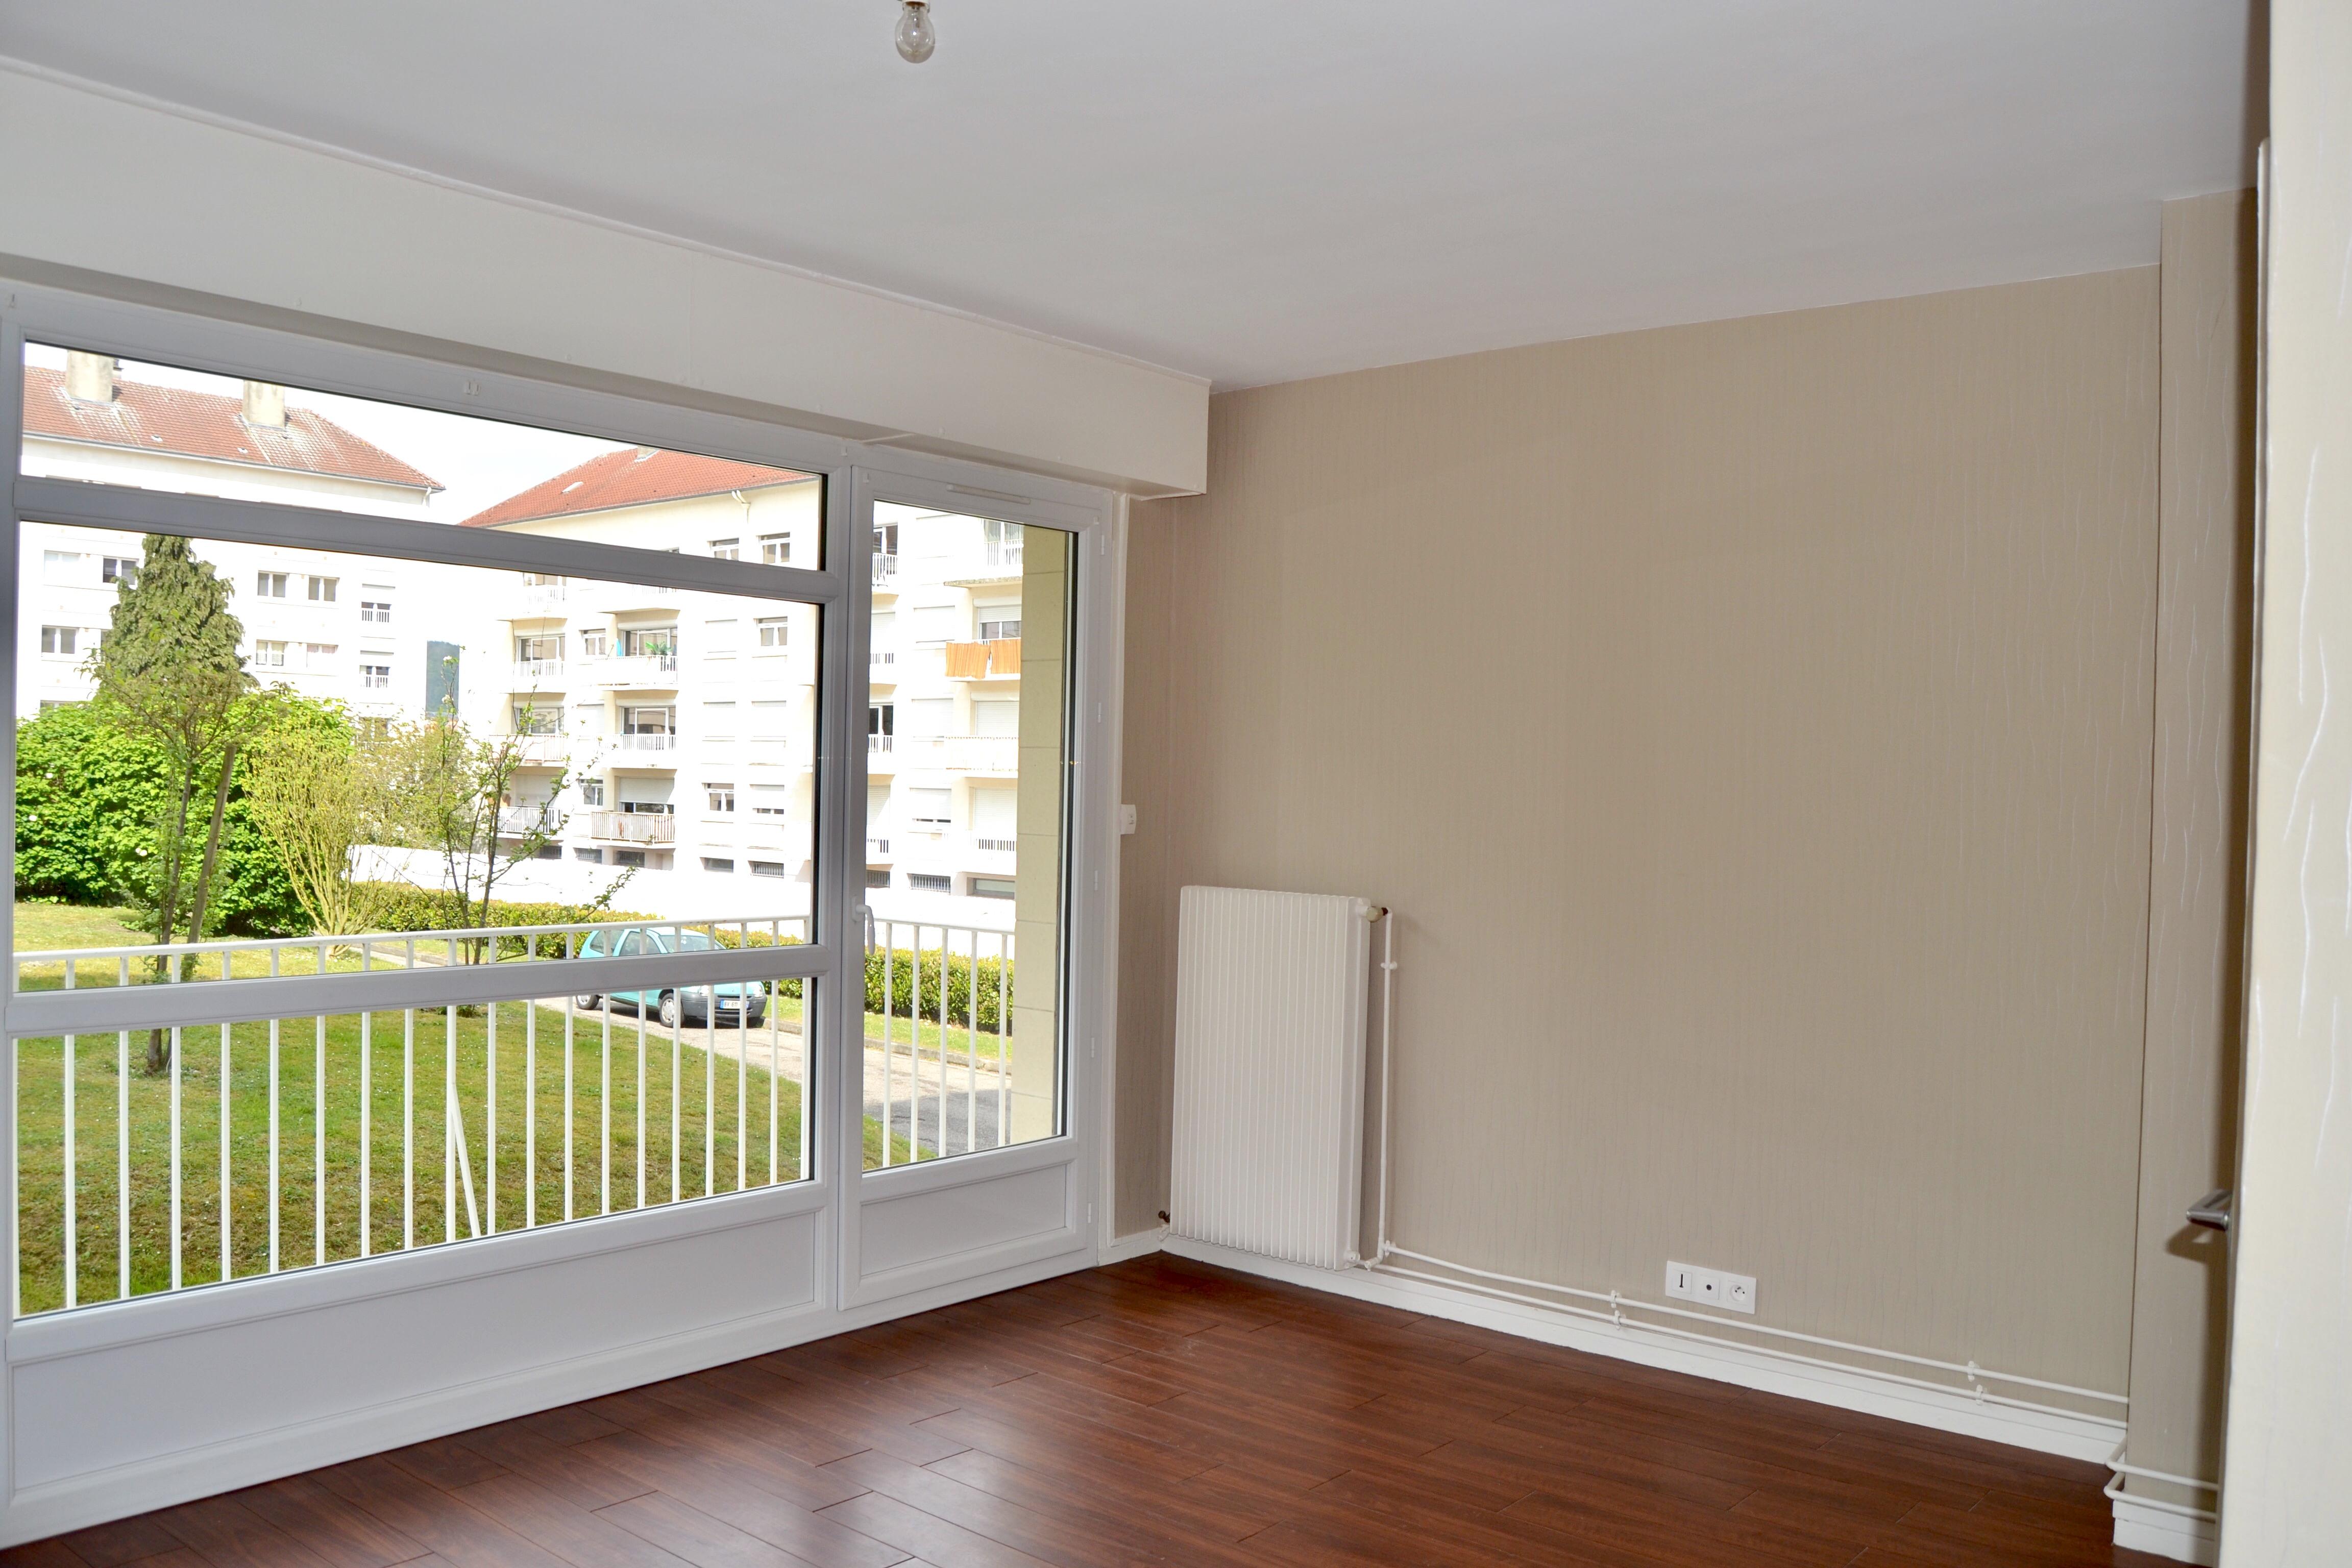 location appartement PETIT COURONNE PETIT COURONNE 76650